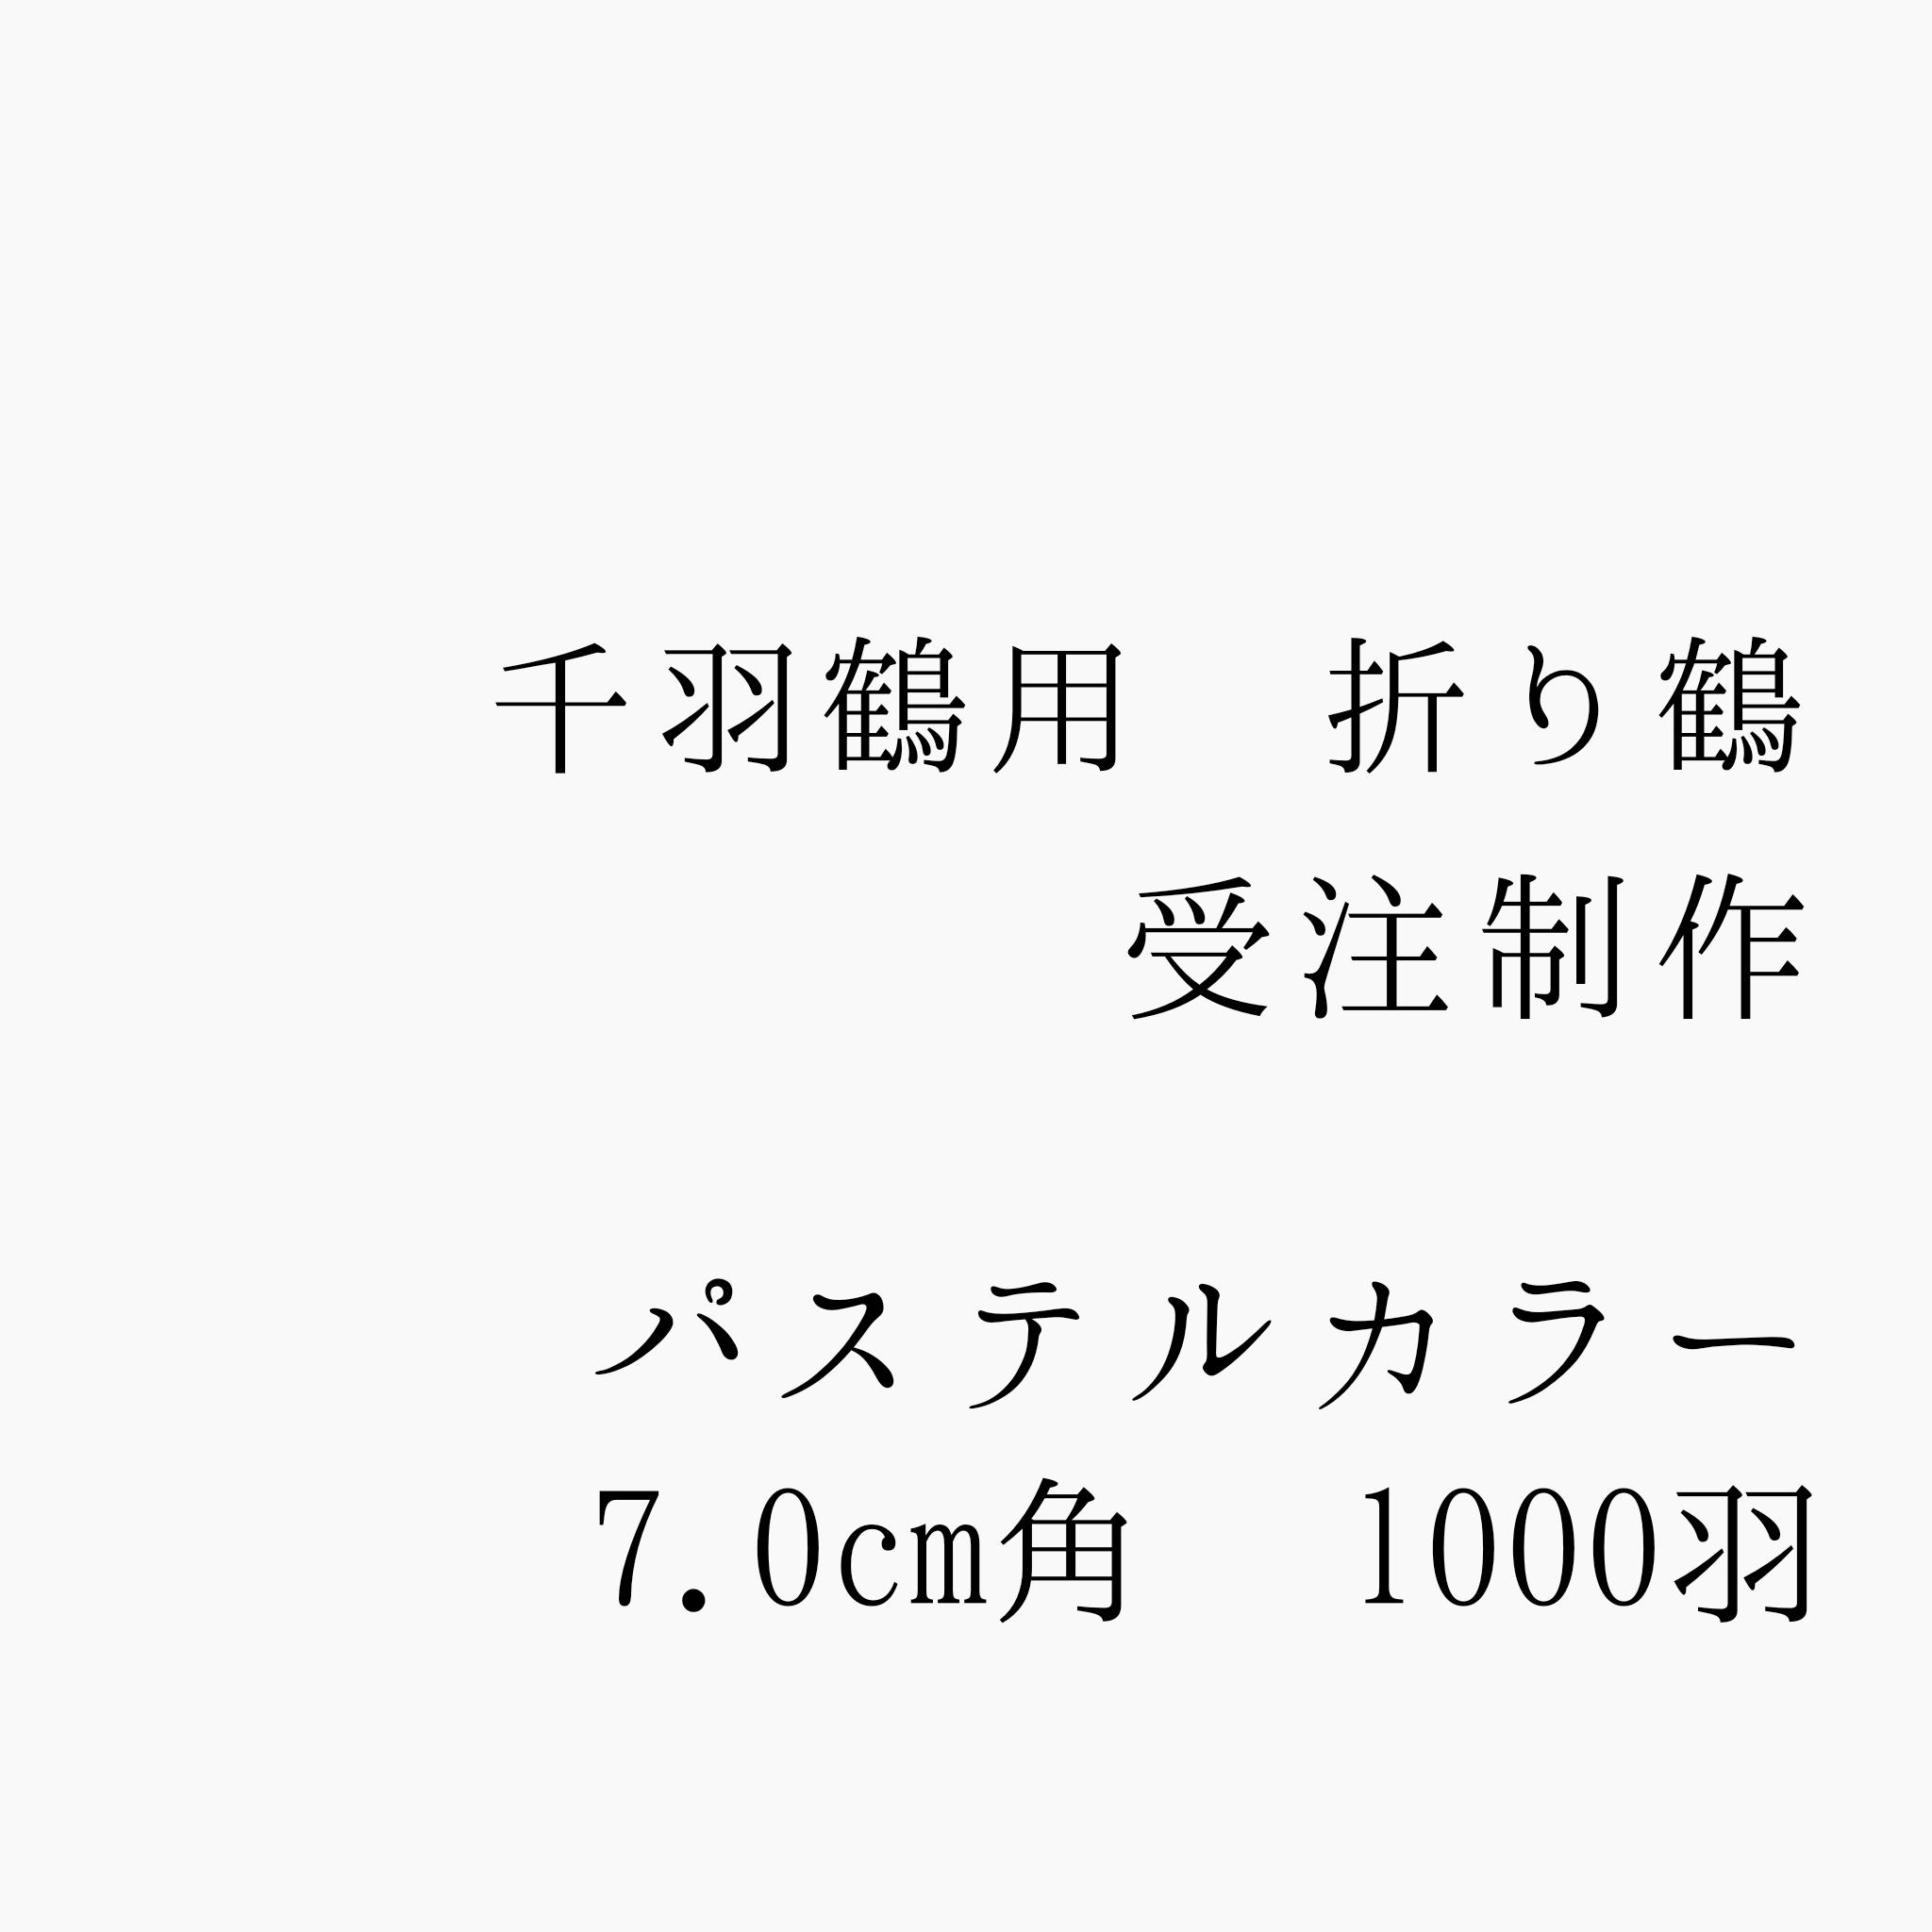 千羽鶴用折り鶴 受注制作 パステルカラー7cm角